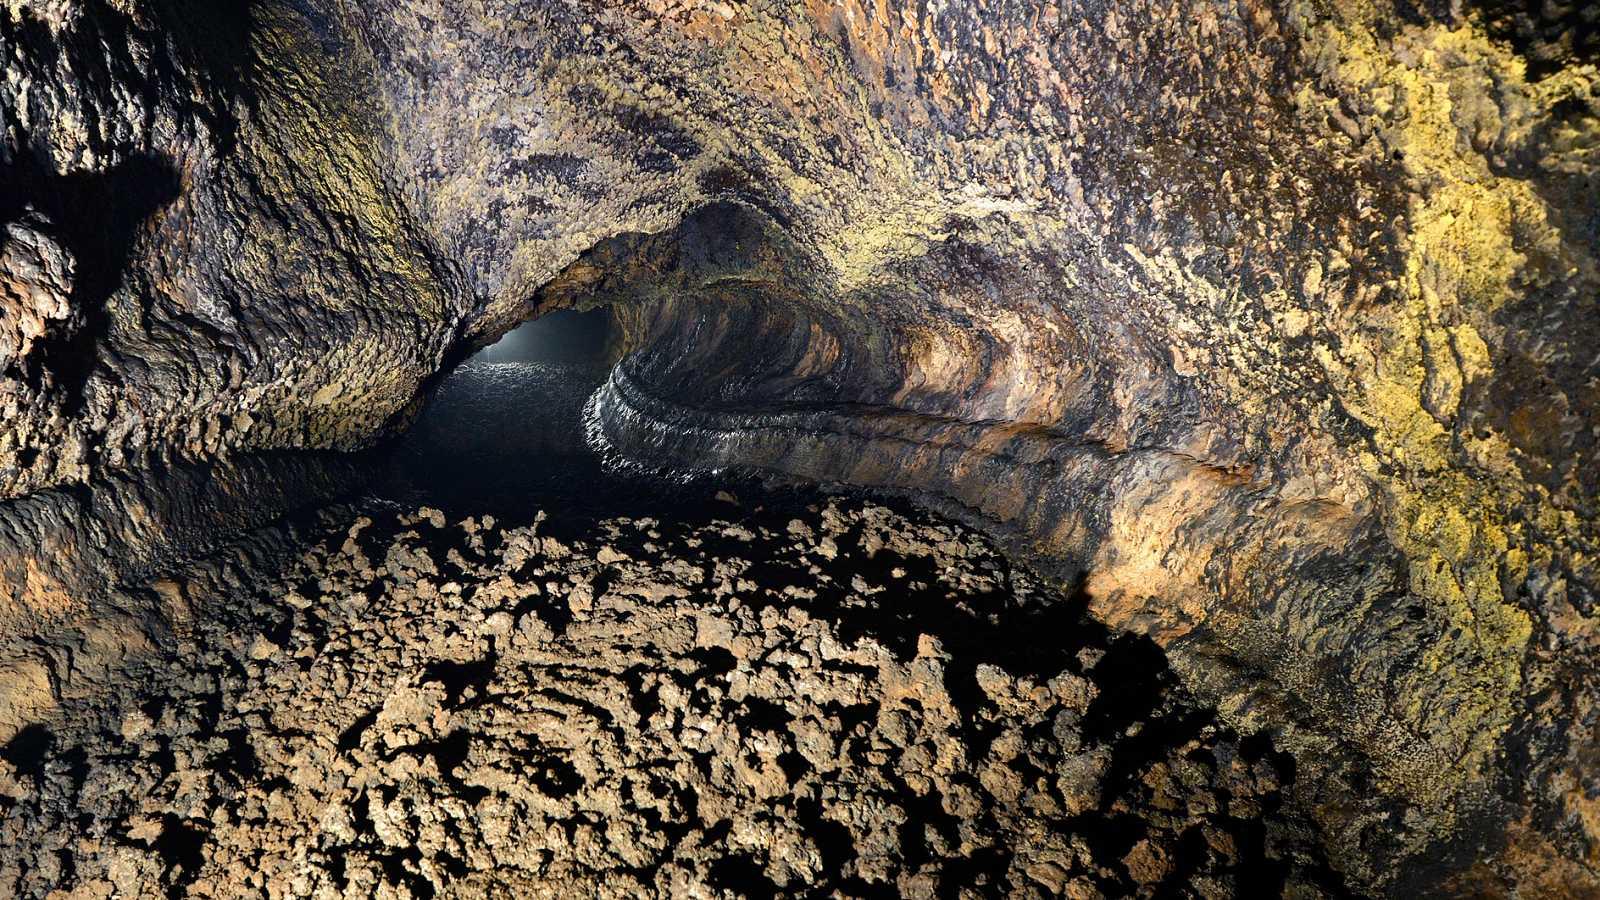 En clave Turismo - Visitamos la Cueva del Viento en la isla de Tenerife - 03/03/21 - escuchar ahora